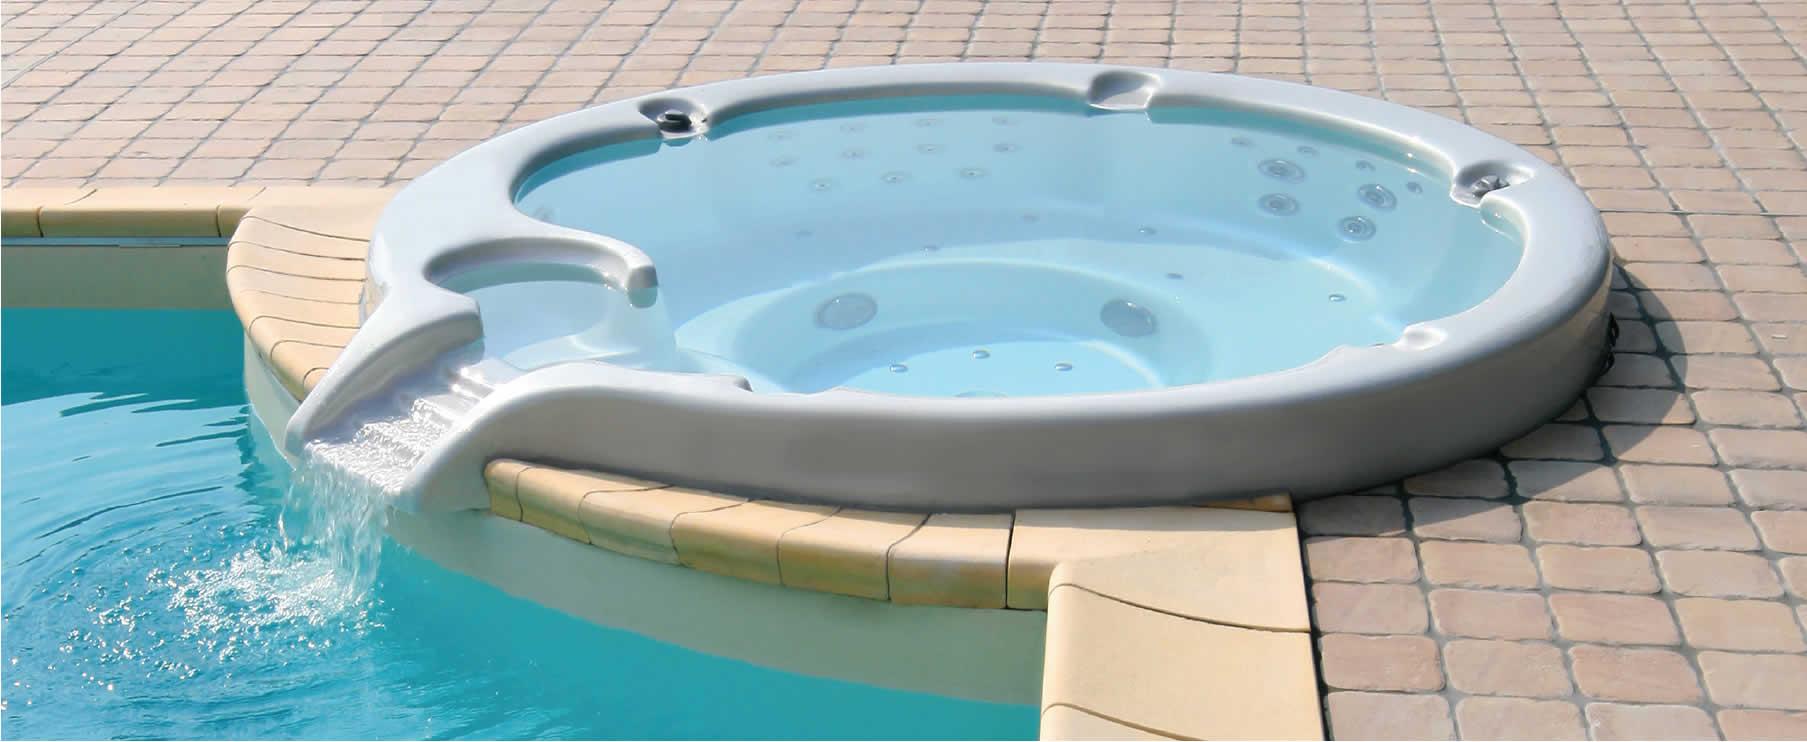 idromassaggio bordo piscina spa regina